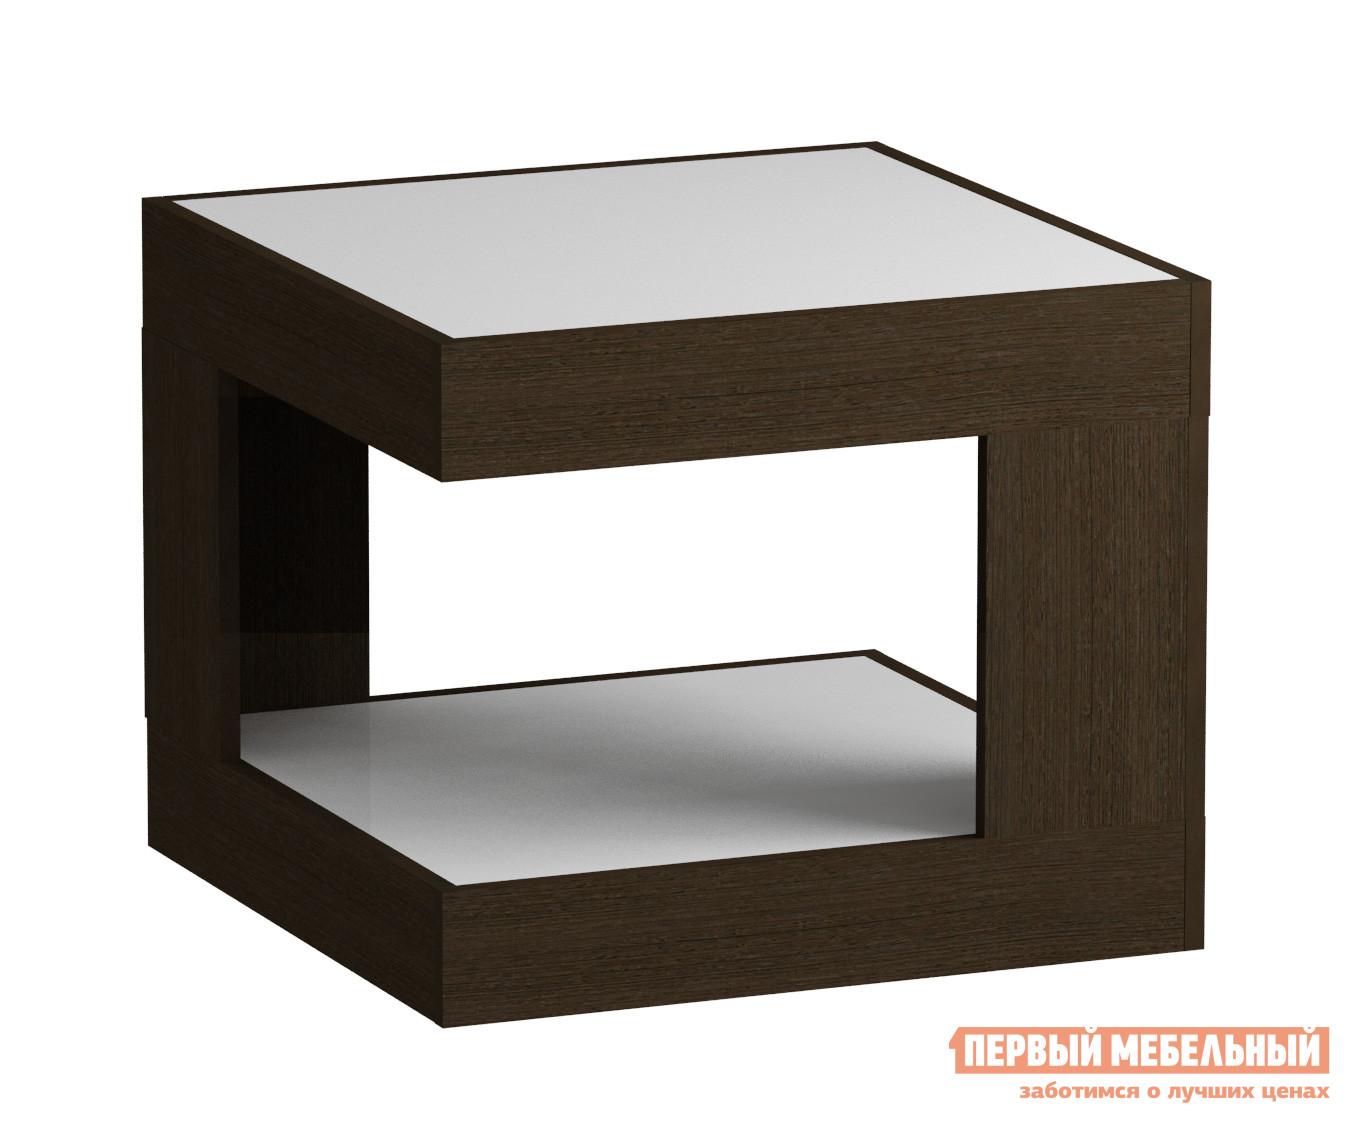 Журнальный столик Мебель Импэкс Leset LS 746 Венге / Белое стекло